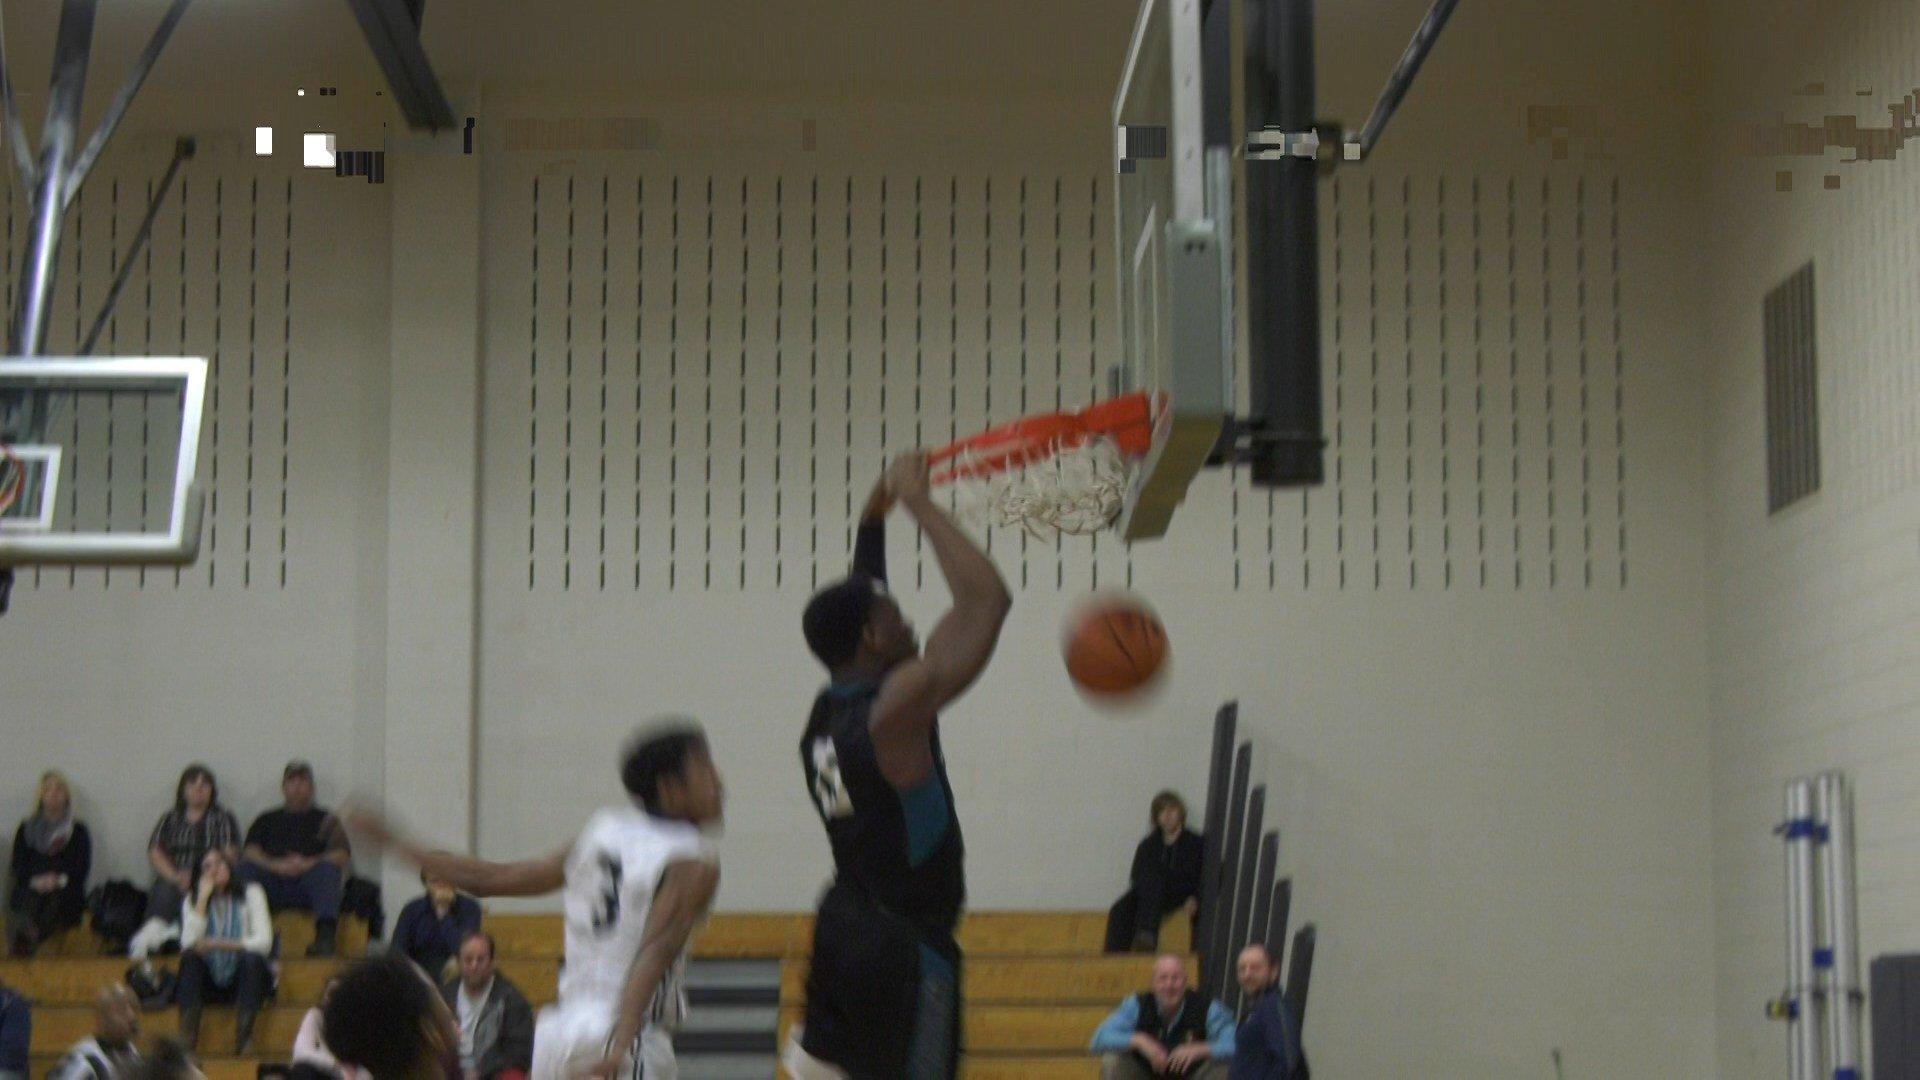 Miller's Aundre Hyatt with the dunk